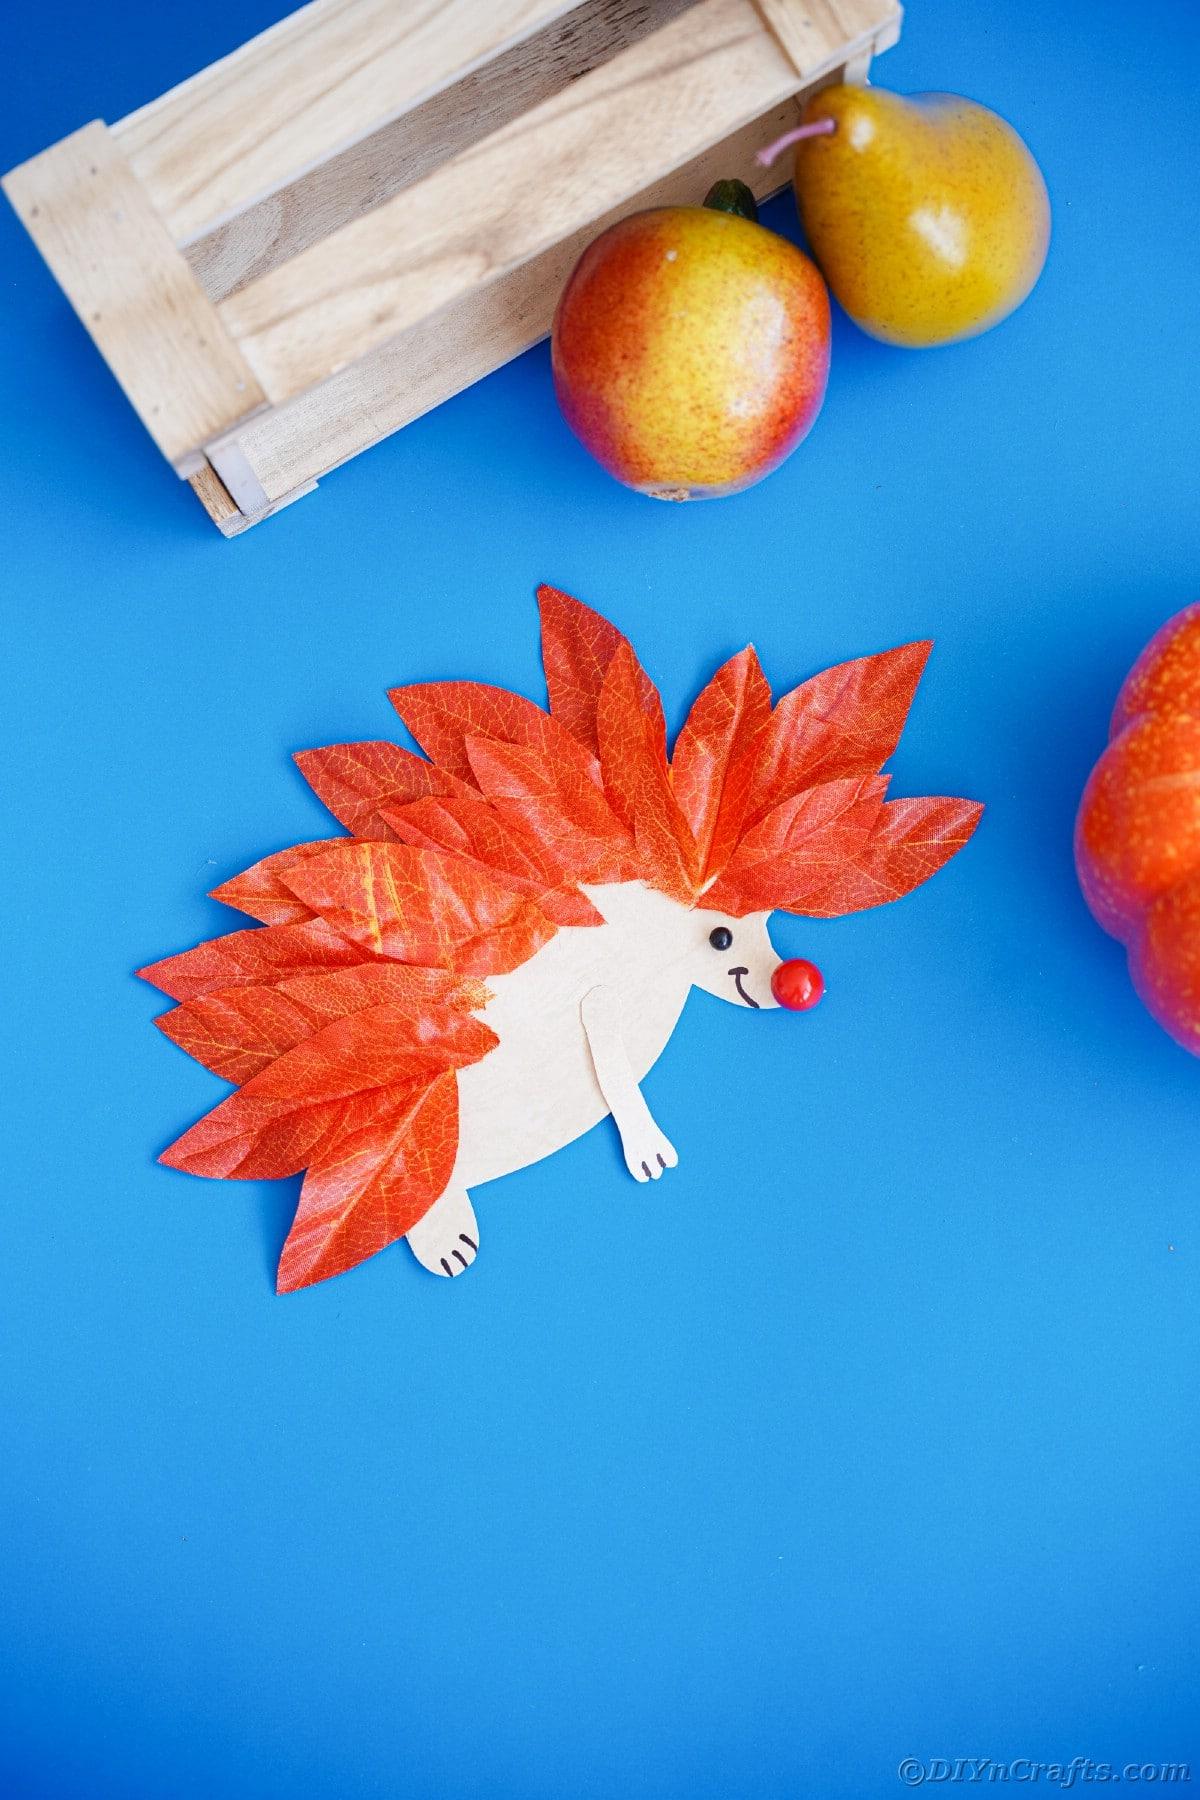 Mini paper hedgehog on blue table